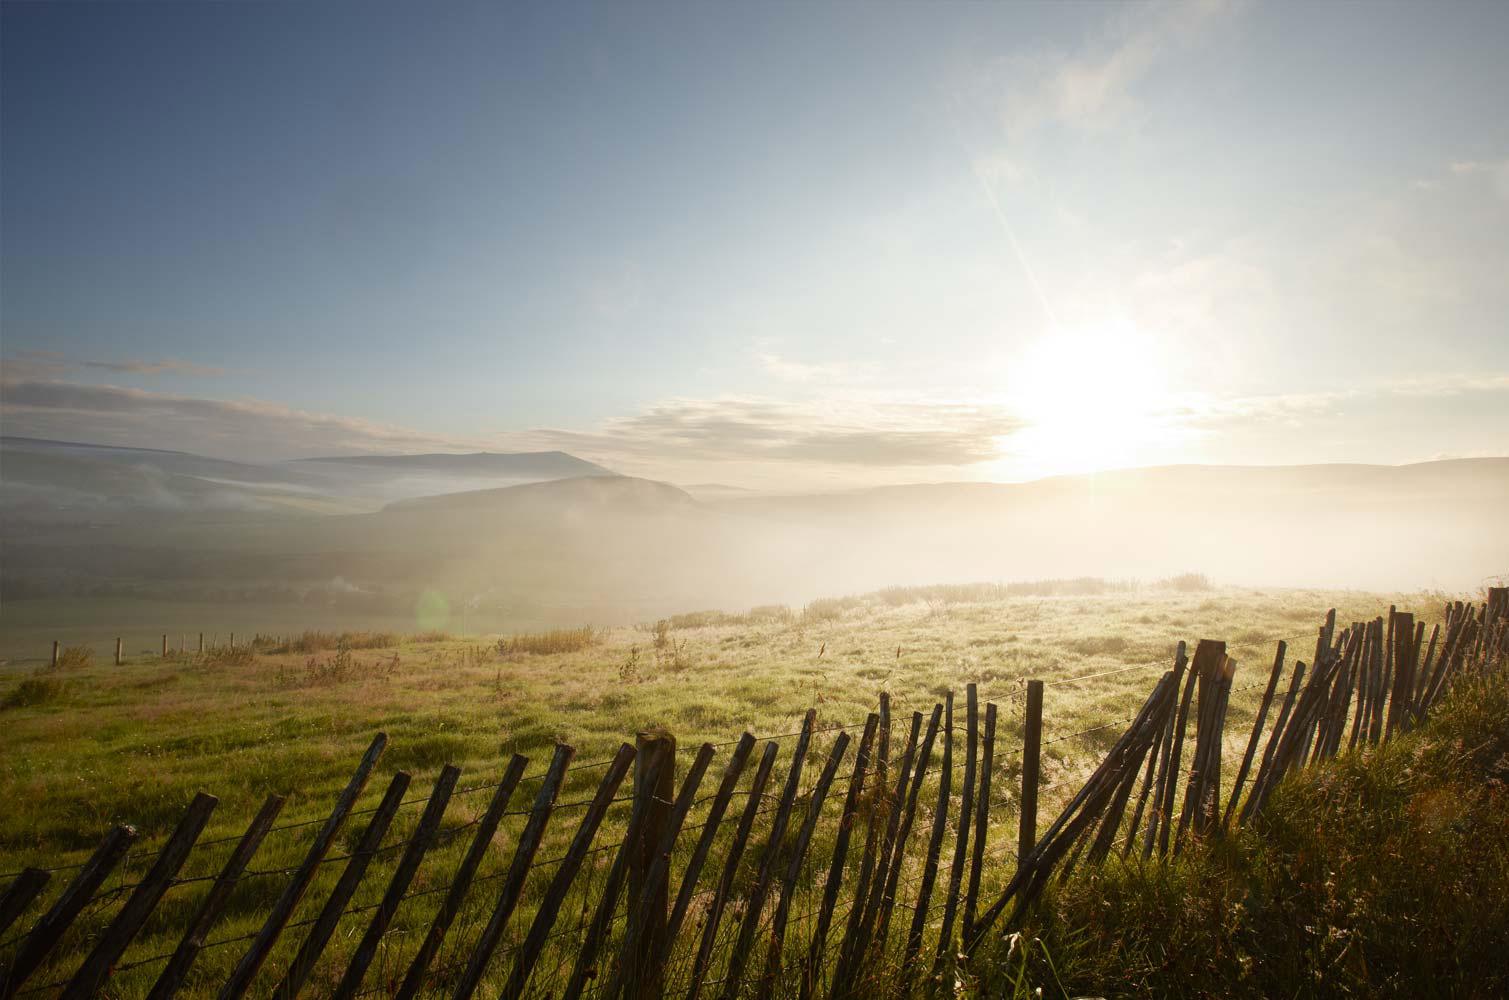 Pernodricard_landscapes06